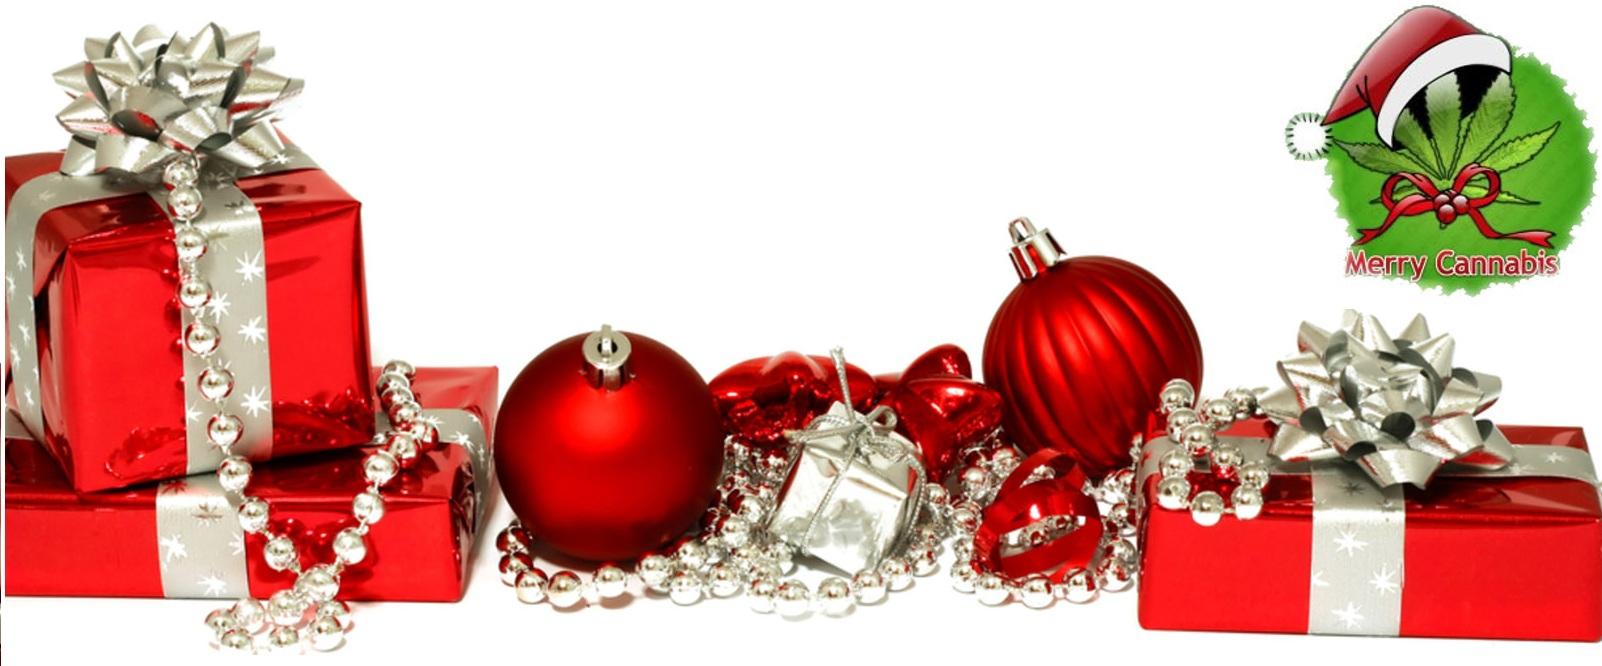 merrry-christmas-card-2013